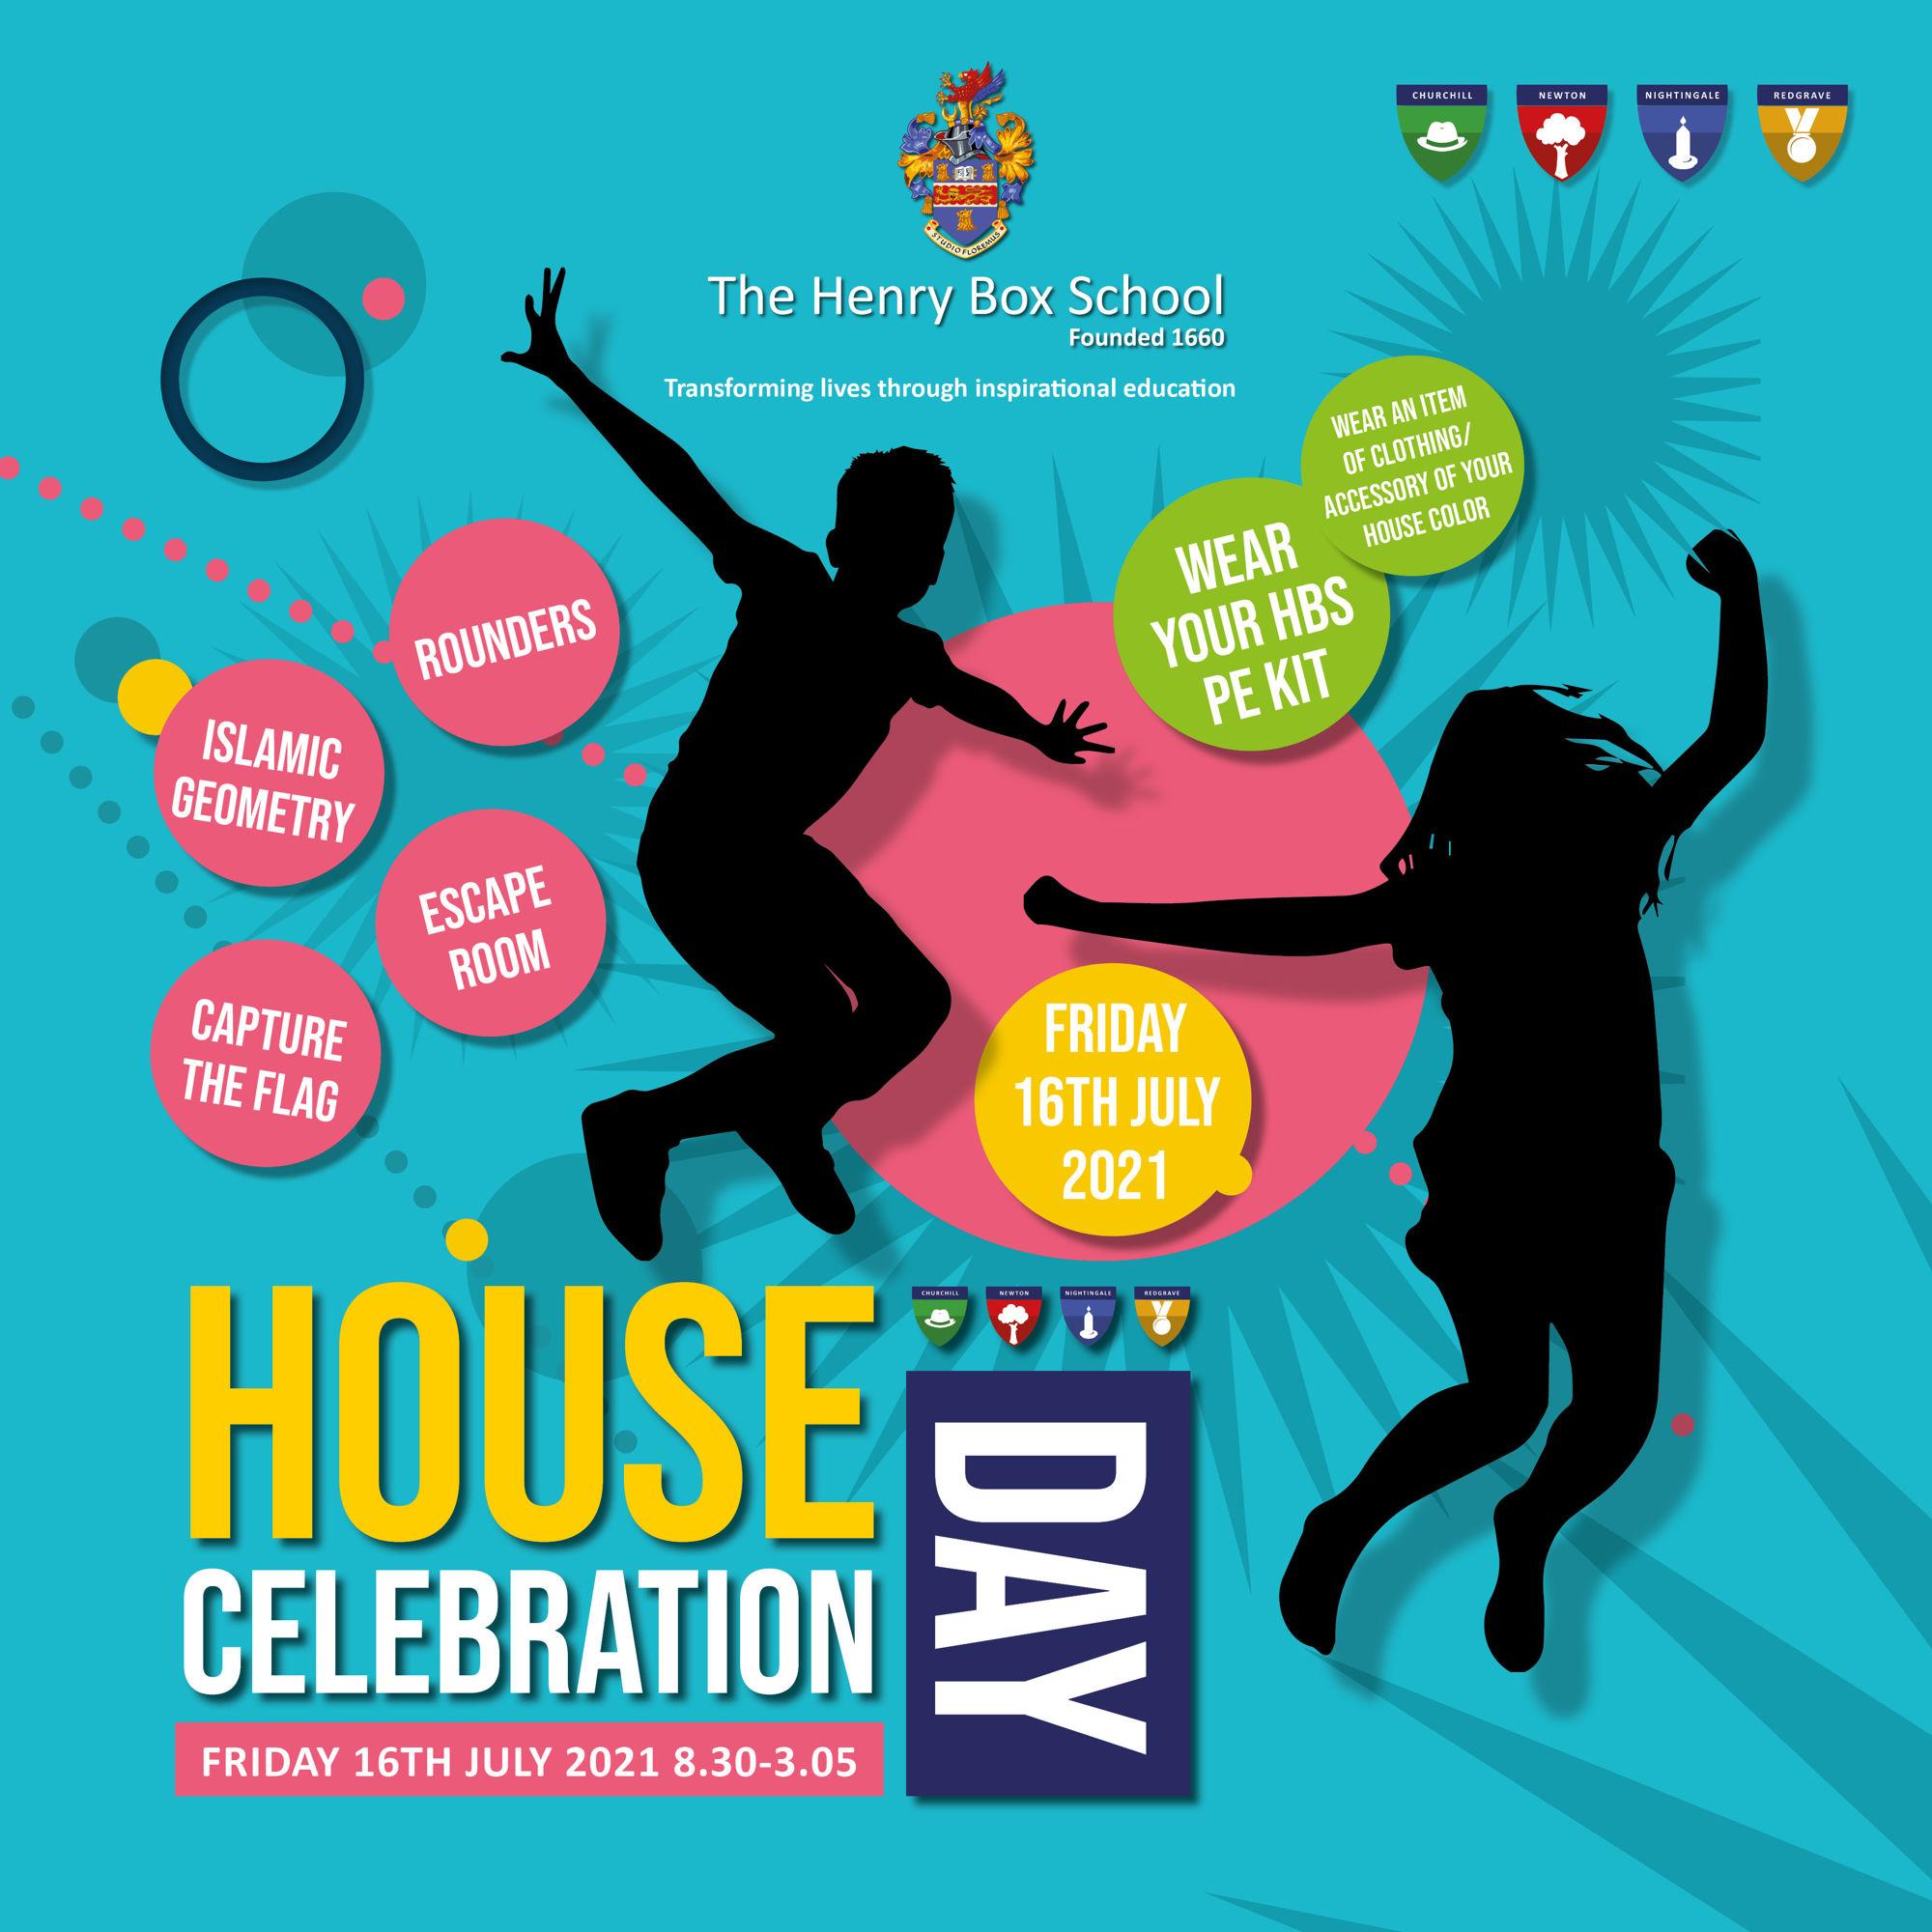 House celebration day 2021